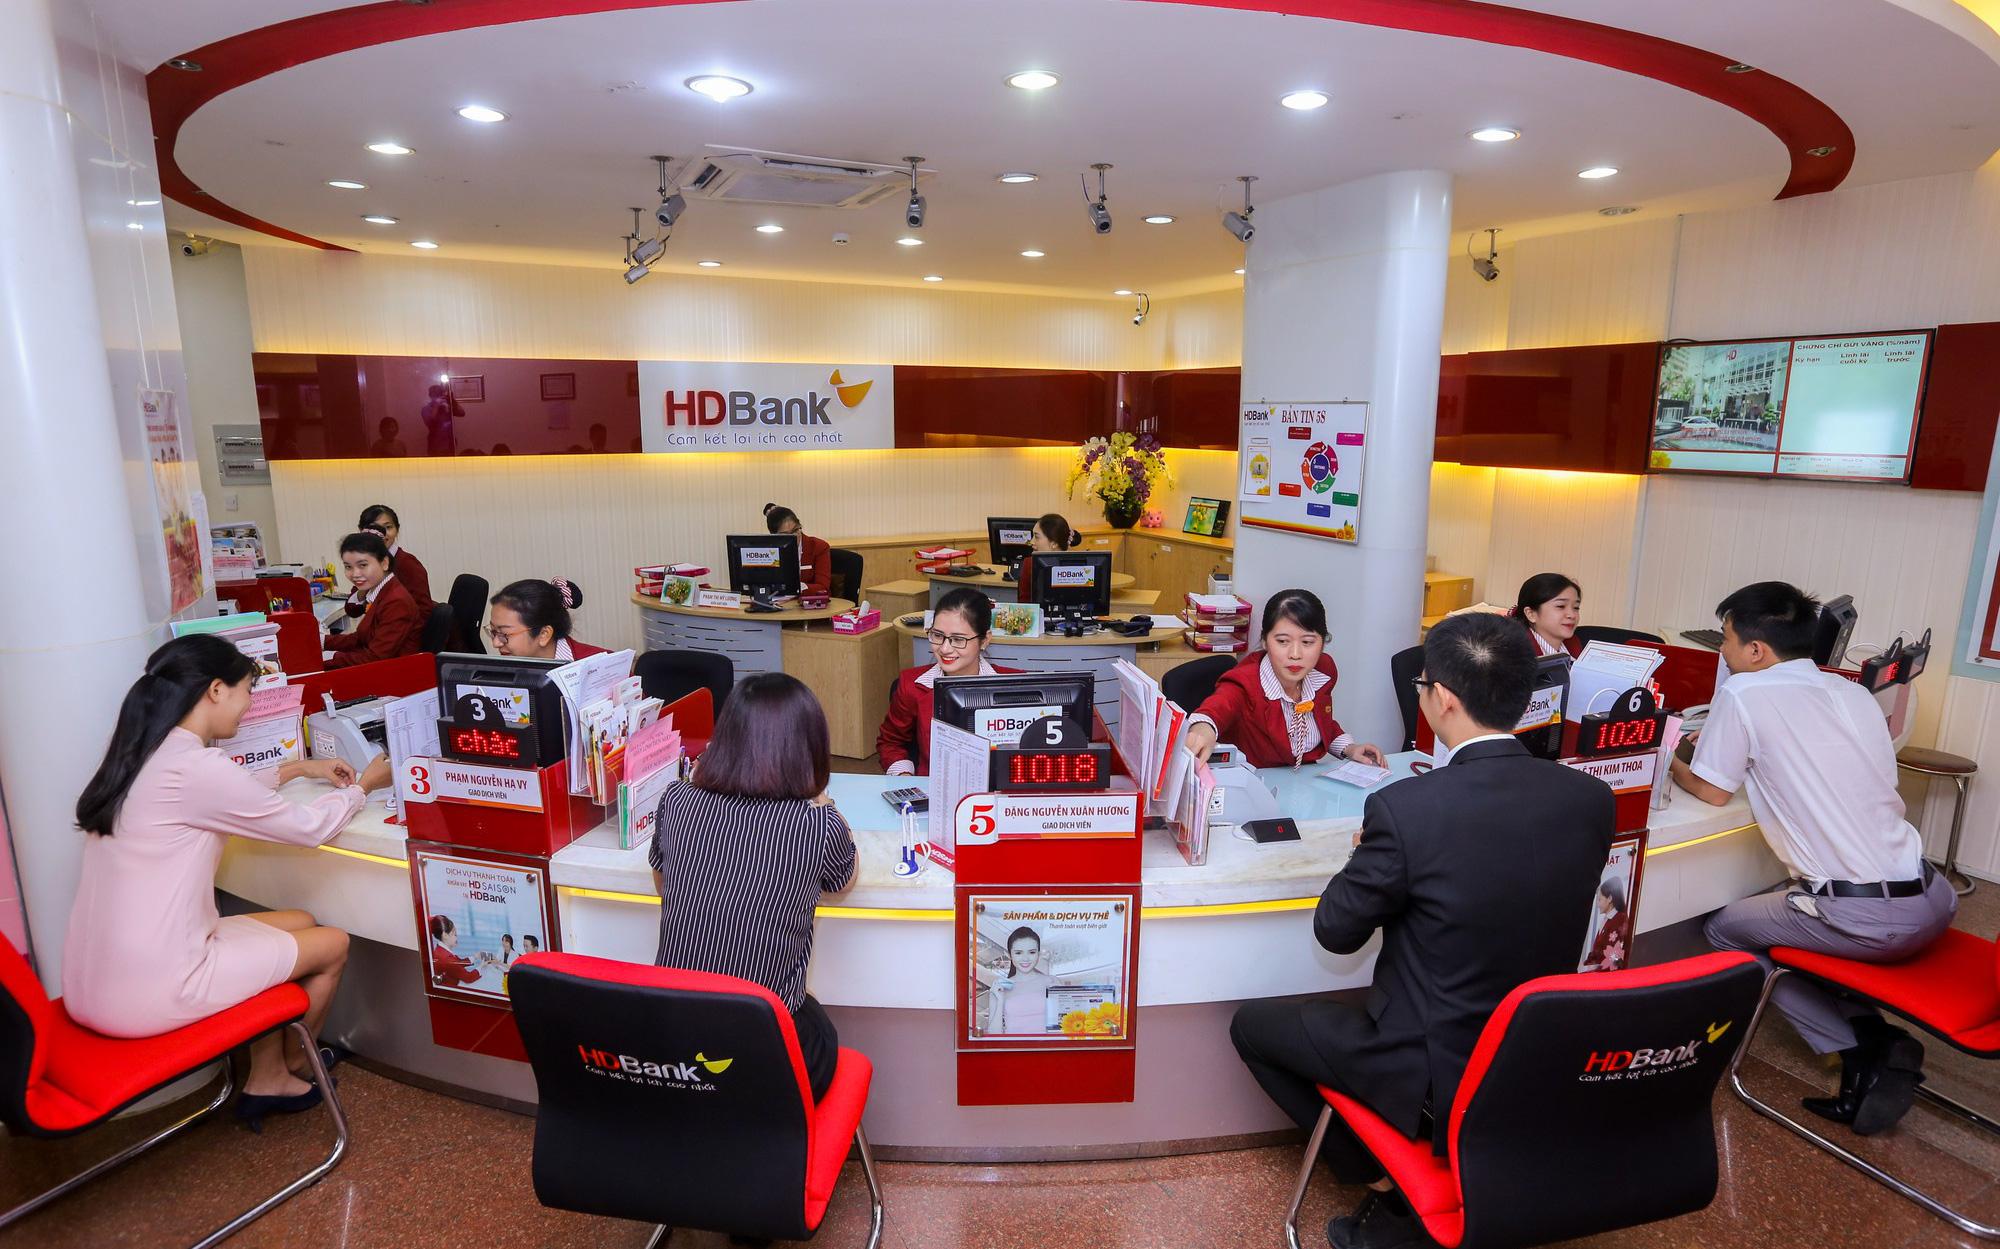 Cổ phiếu HDB của HDBank tăng 10 phiên liên tiếp